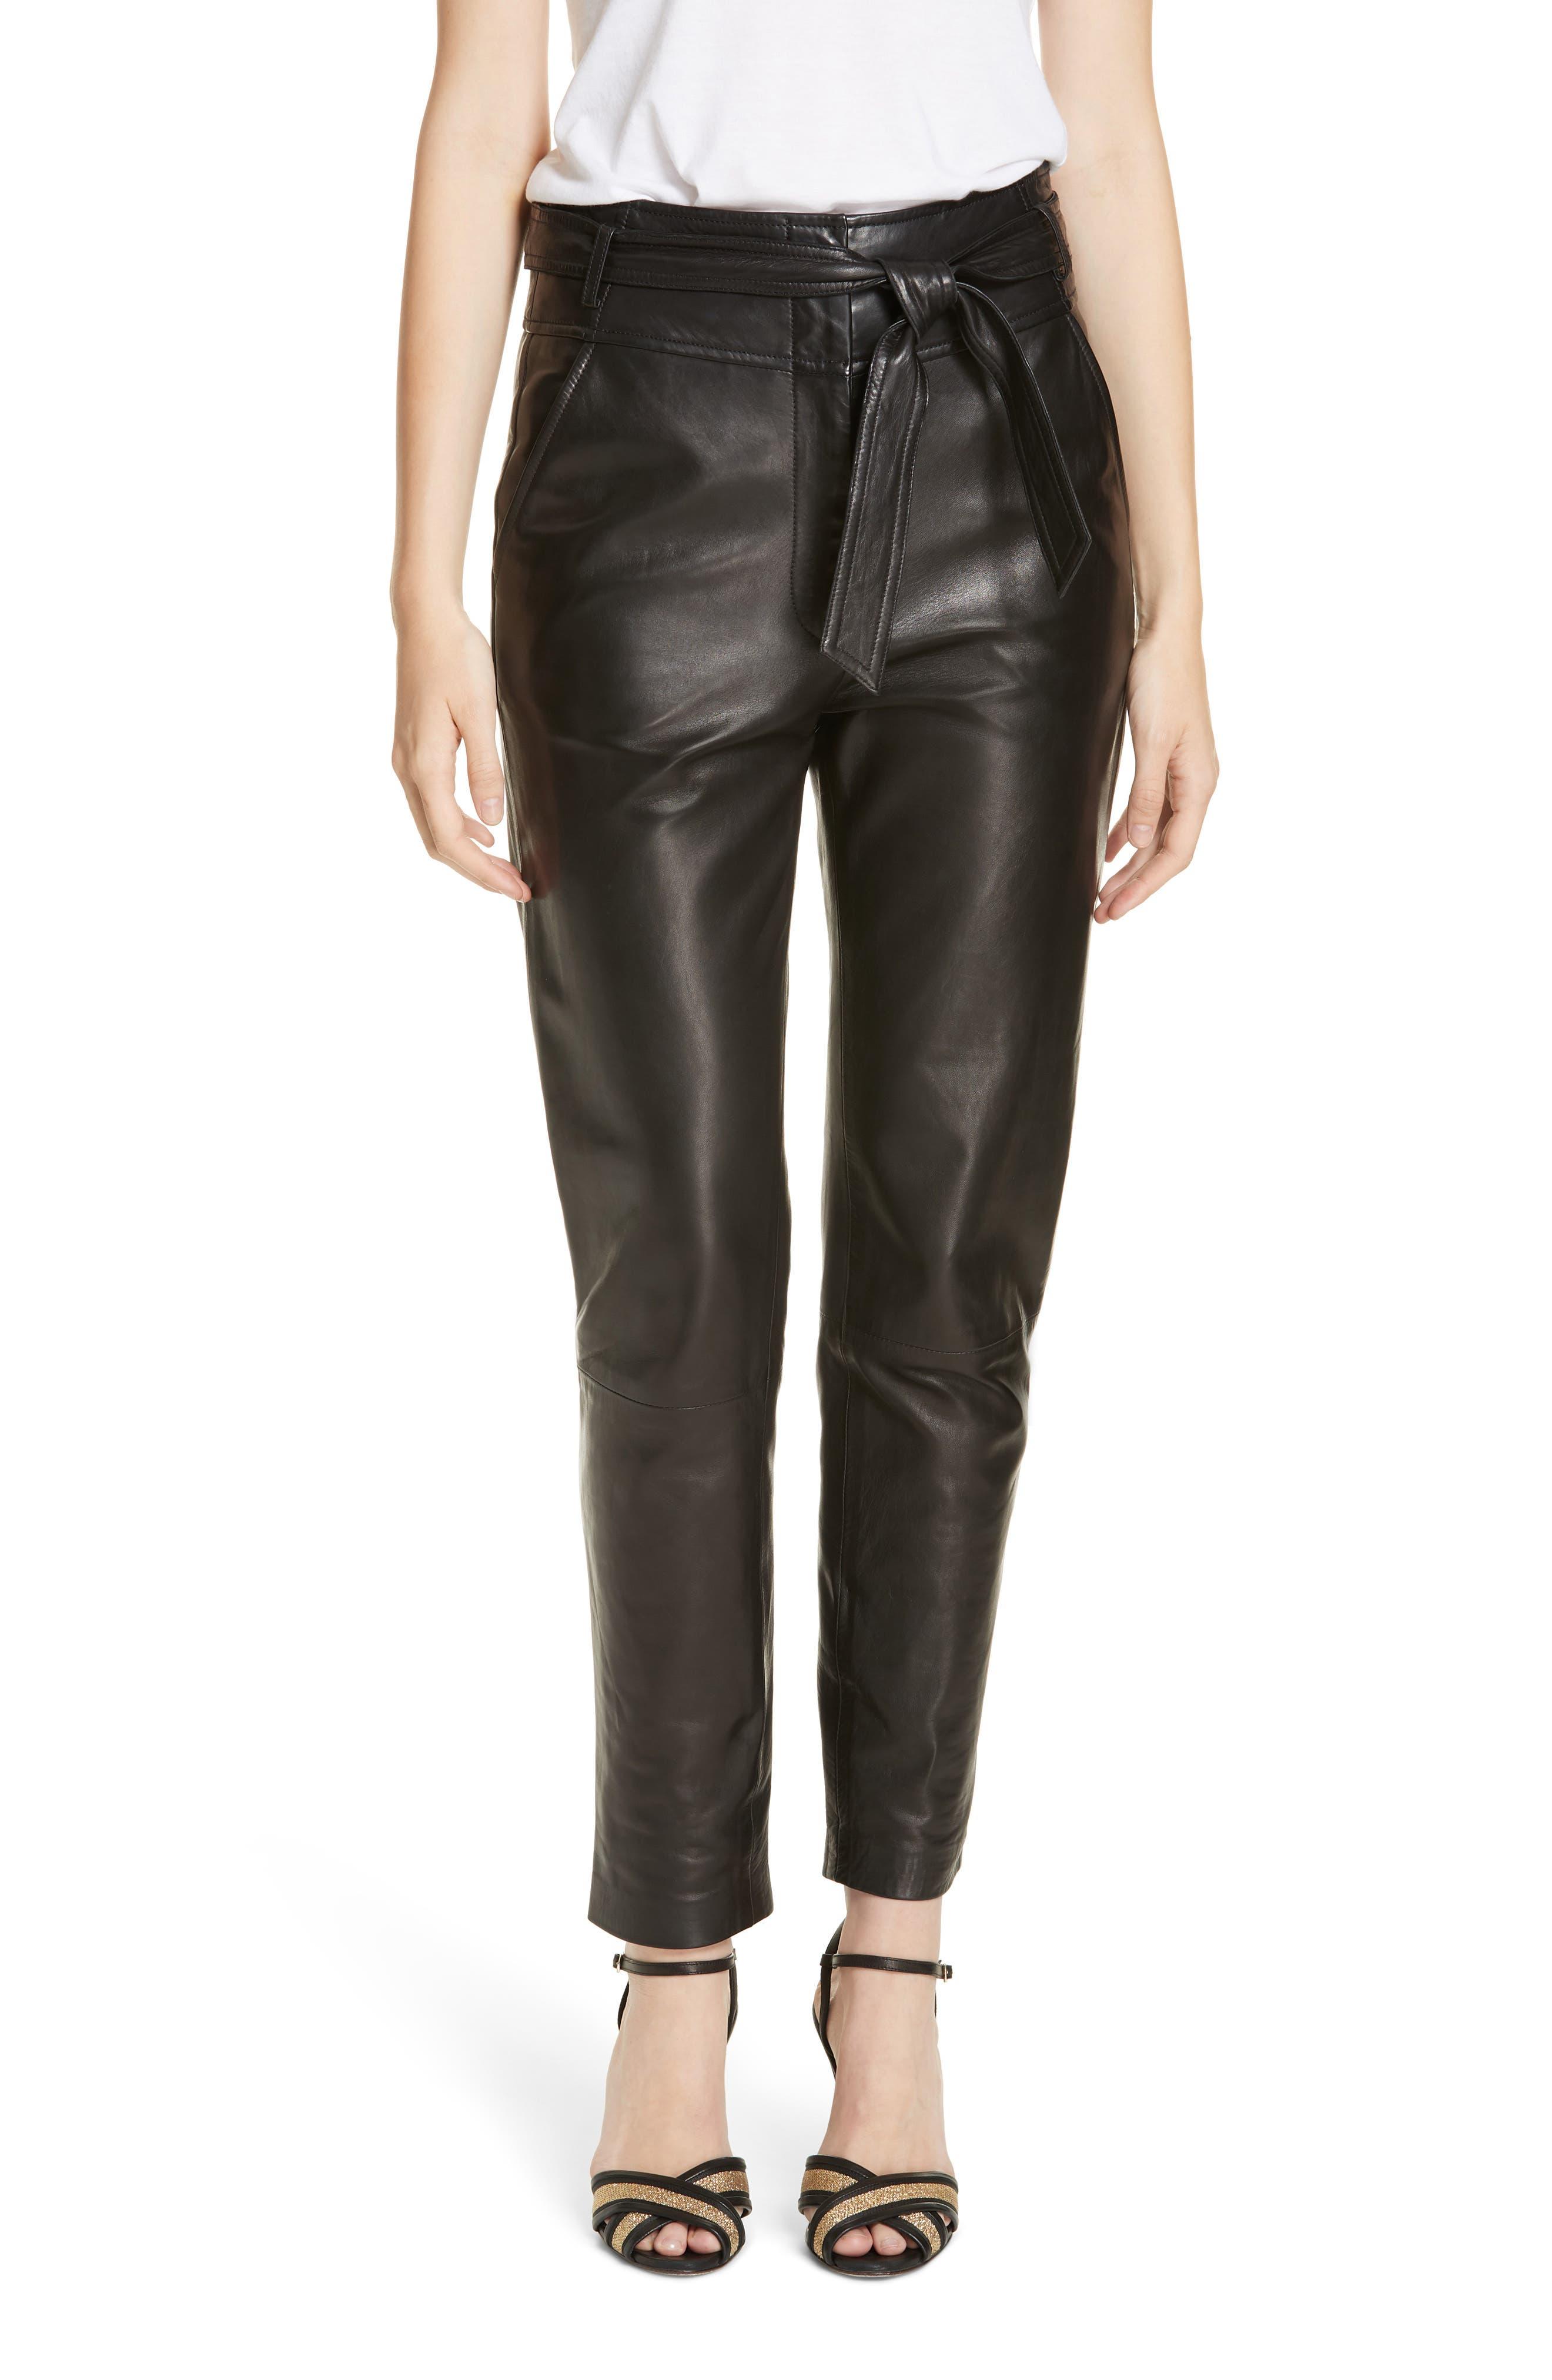 Faxon Leather Pants,                         Main,                         color, BLACK